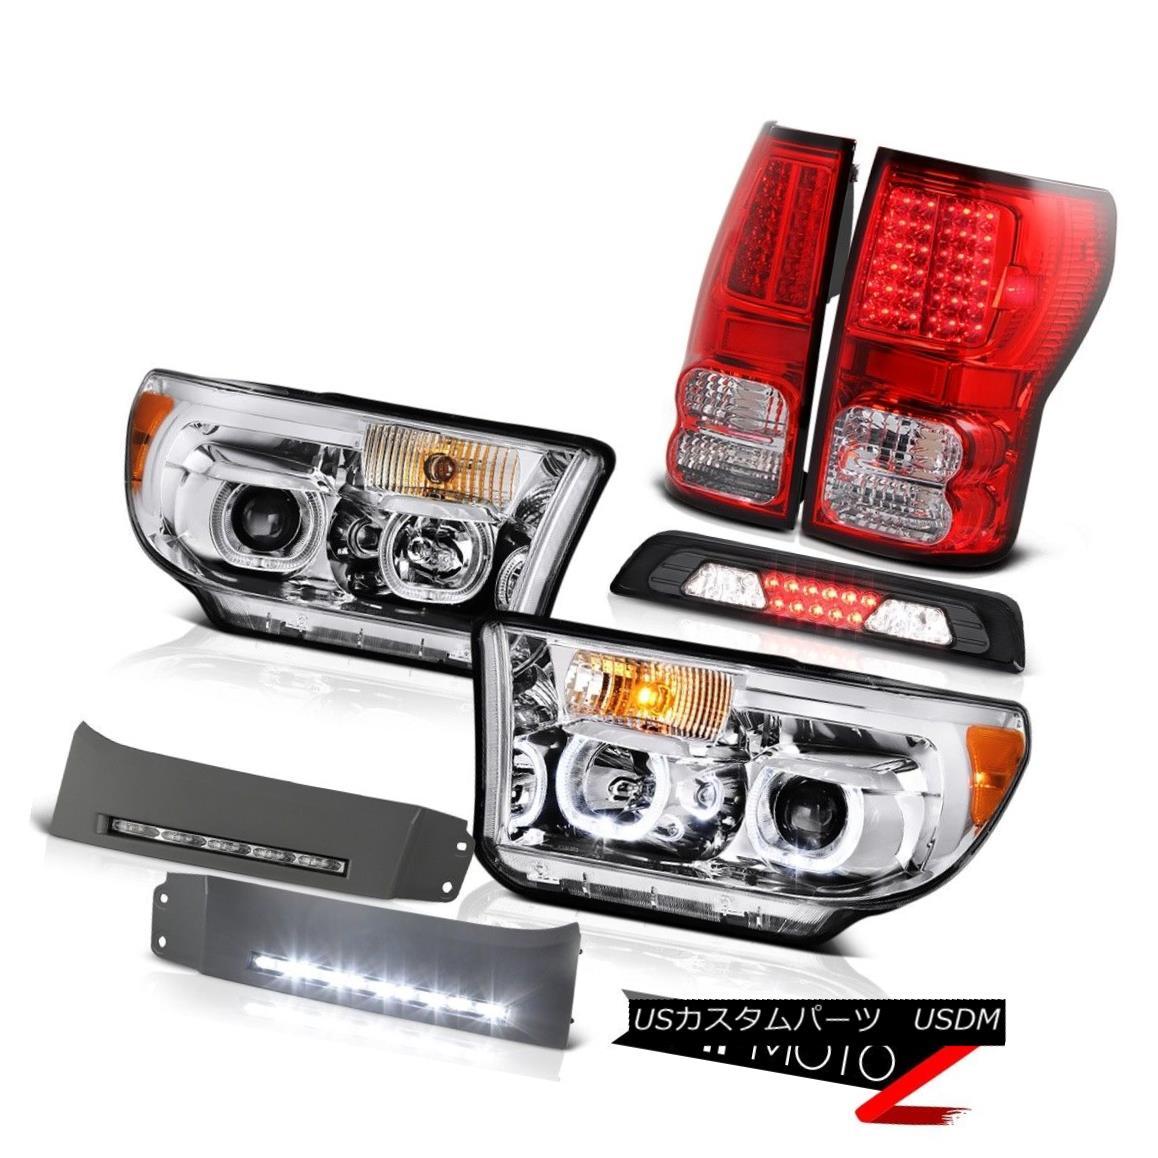 テールライト 2007-2013 Toyota Tundra SR5 Headlamps DRL Strip Roof Cab Light Rear Brake Lamps 2007-2013トヨタトンドラSR5ヘッドランプDRLストリップルーフキャブライトリアブレーキランプ